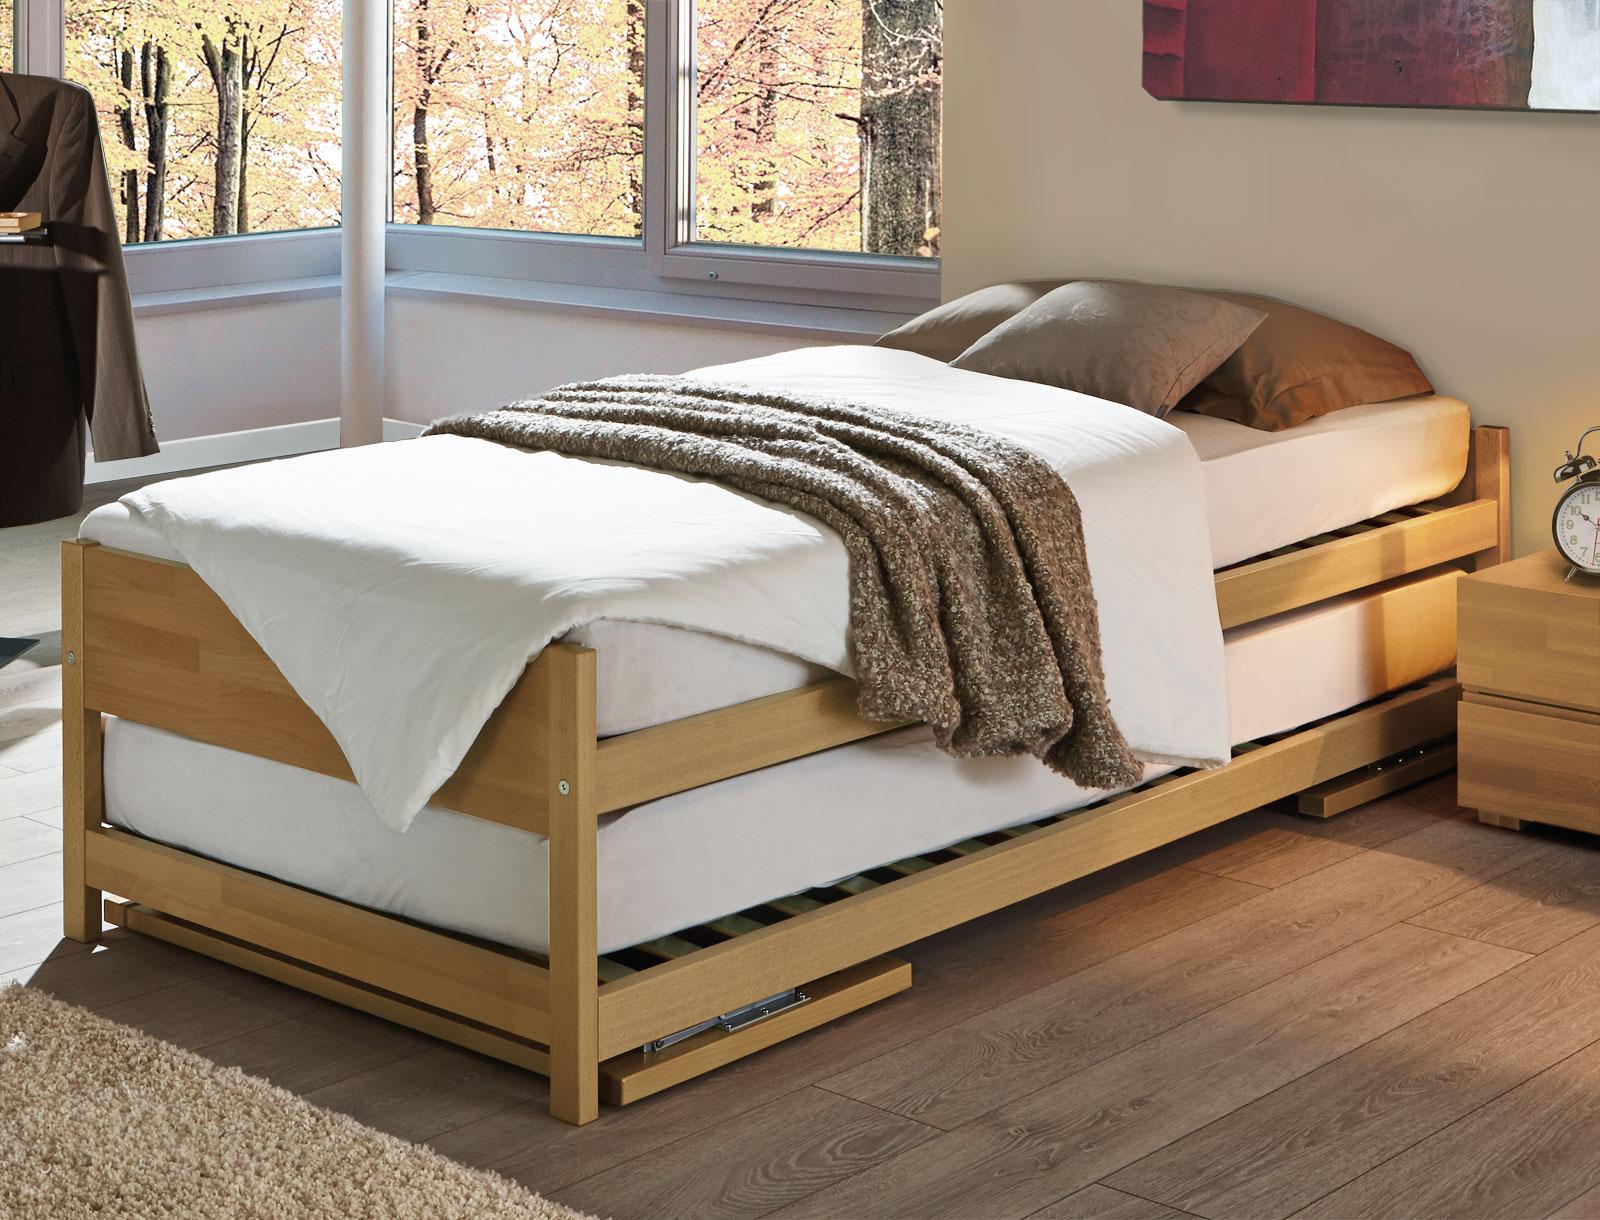 Full Size of Zwei Betten Gleicher Gre Unser Ausziehbett On Top Ausklappbares Bett Wohnzimmer Klappbares Doppelbett